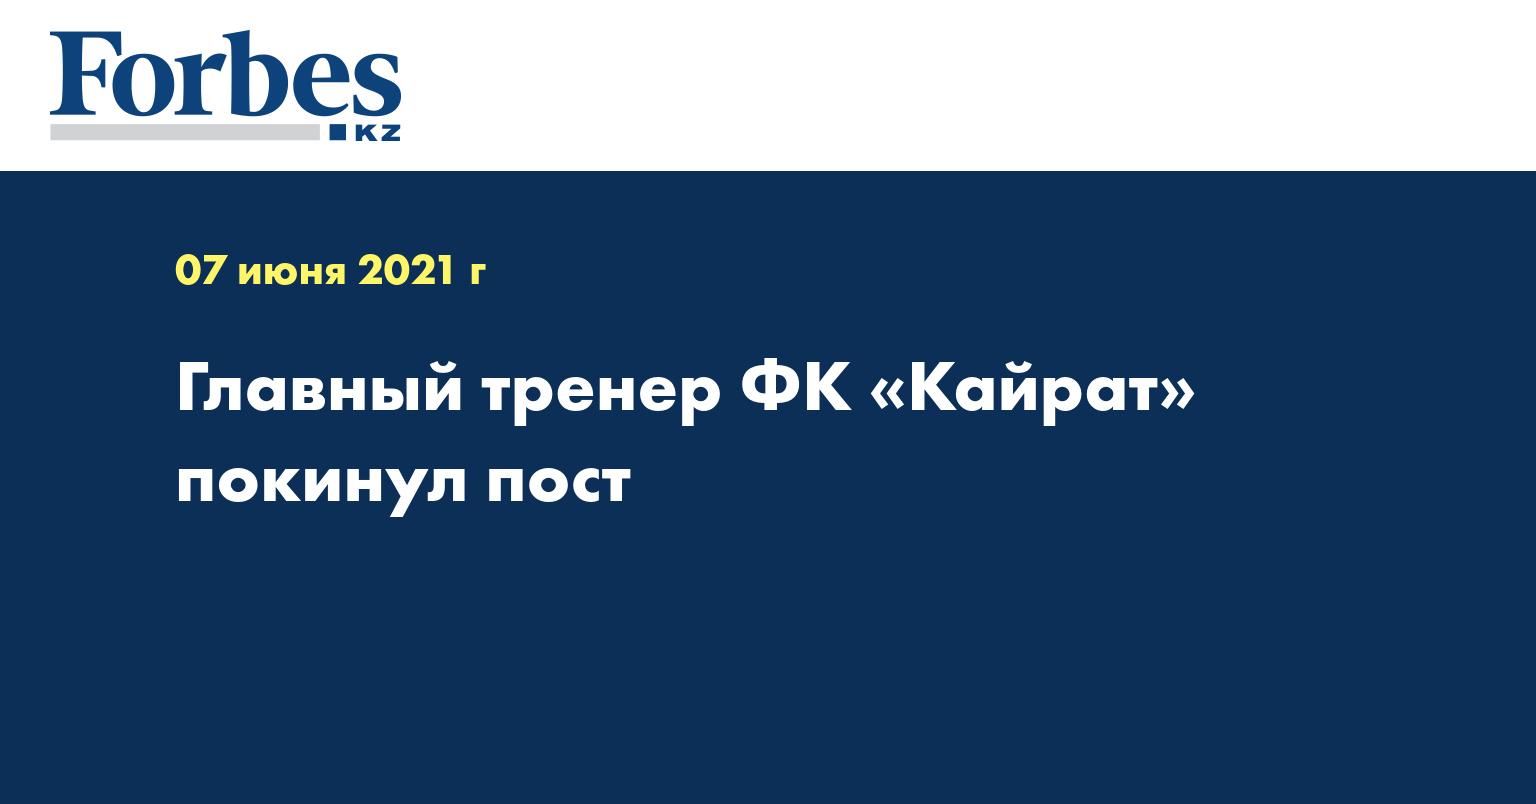 Главный тренер ФК «Кайрат» покинул пост